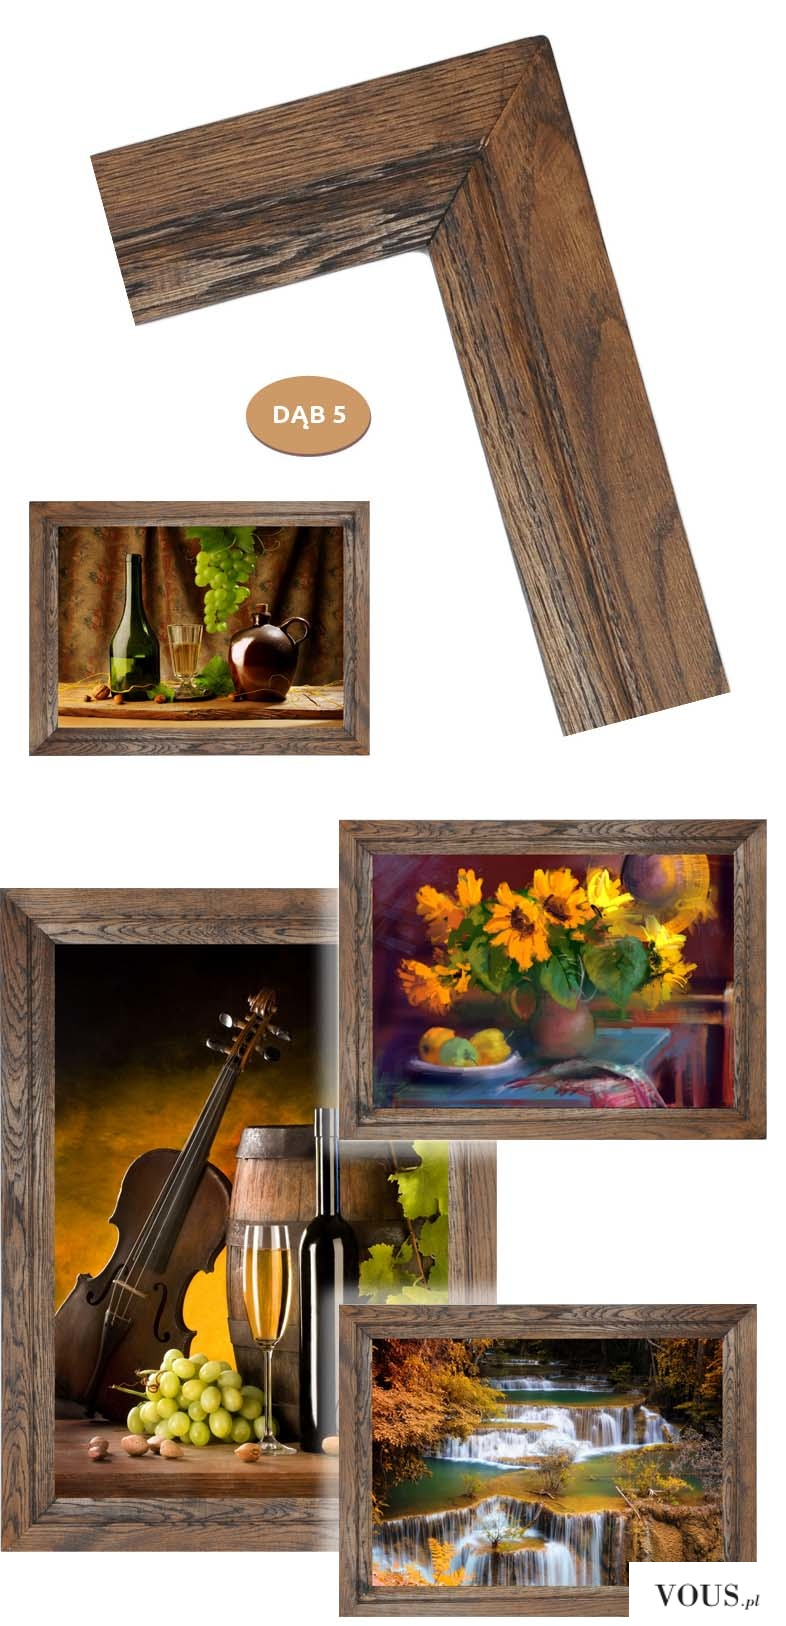 Kilka naszych obrazów w ramie dębowej. Podoba Wam się?   Te i wiele innych możecie mieć u siebie ...